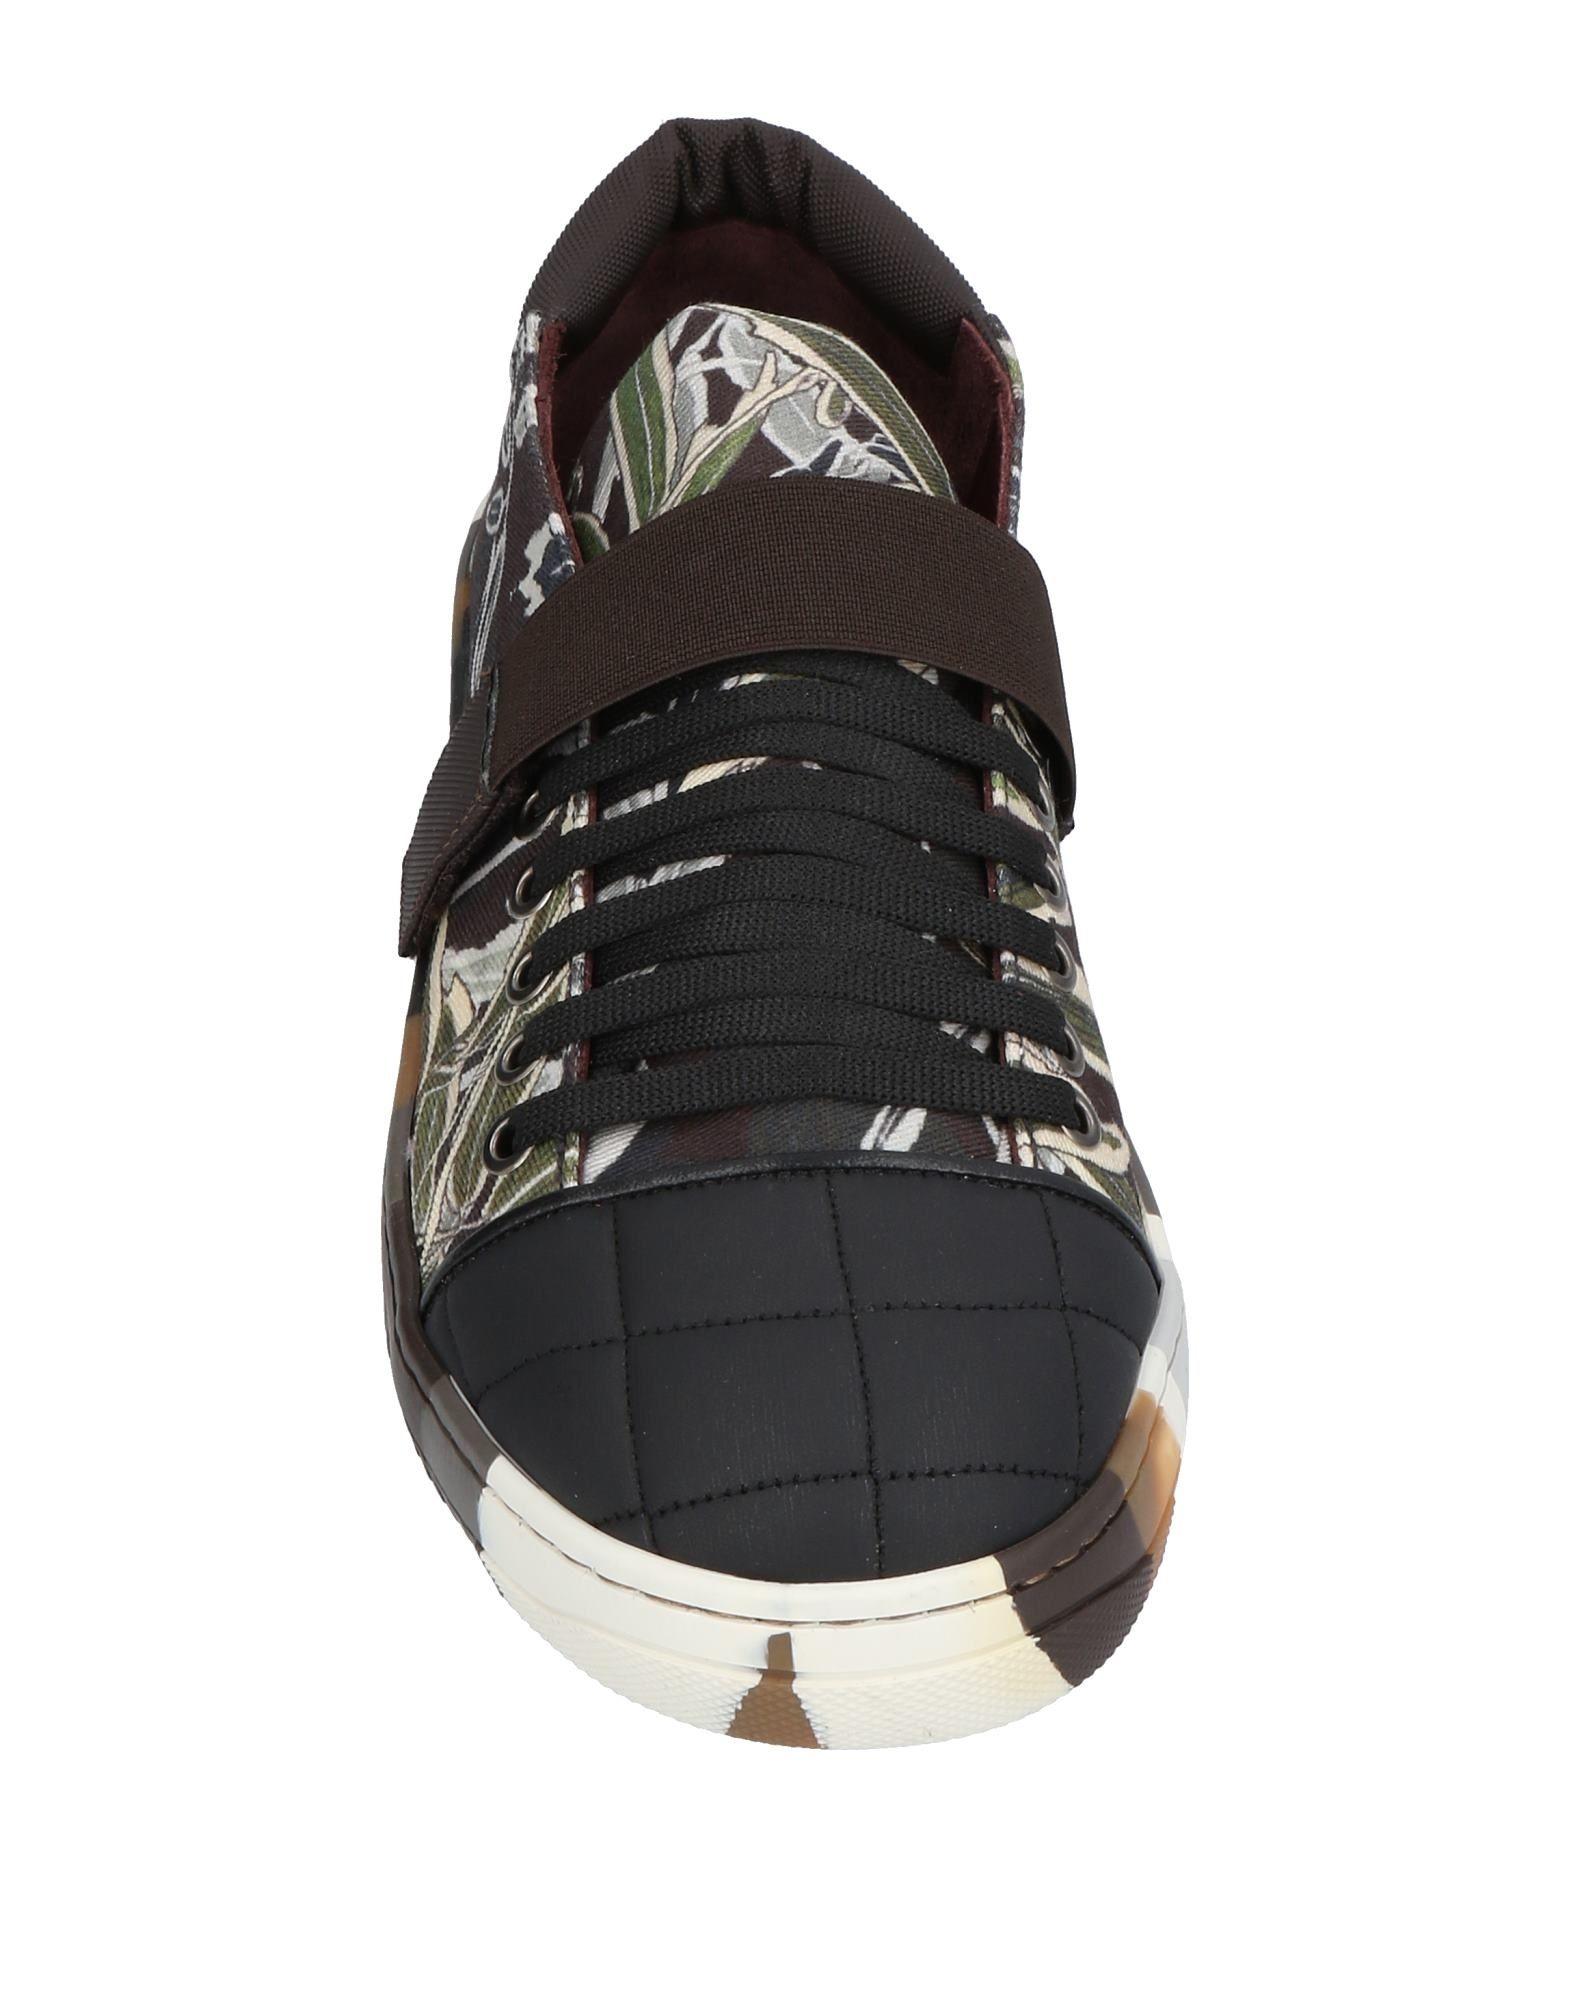 Antonio Marras Sneakers Herren Herren Sneakers  11467446FS 14845c